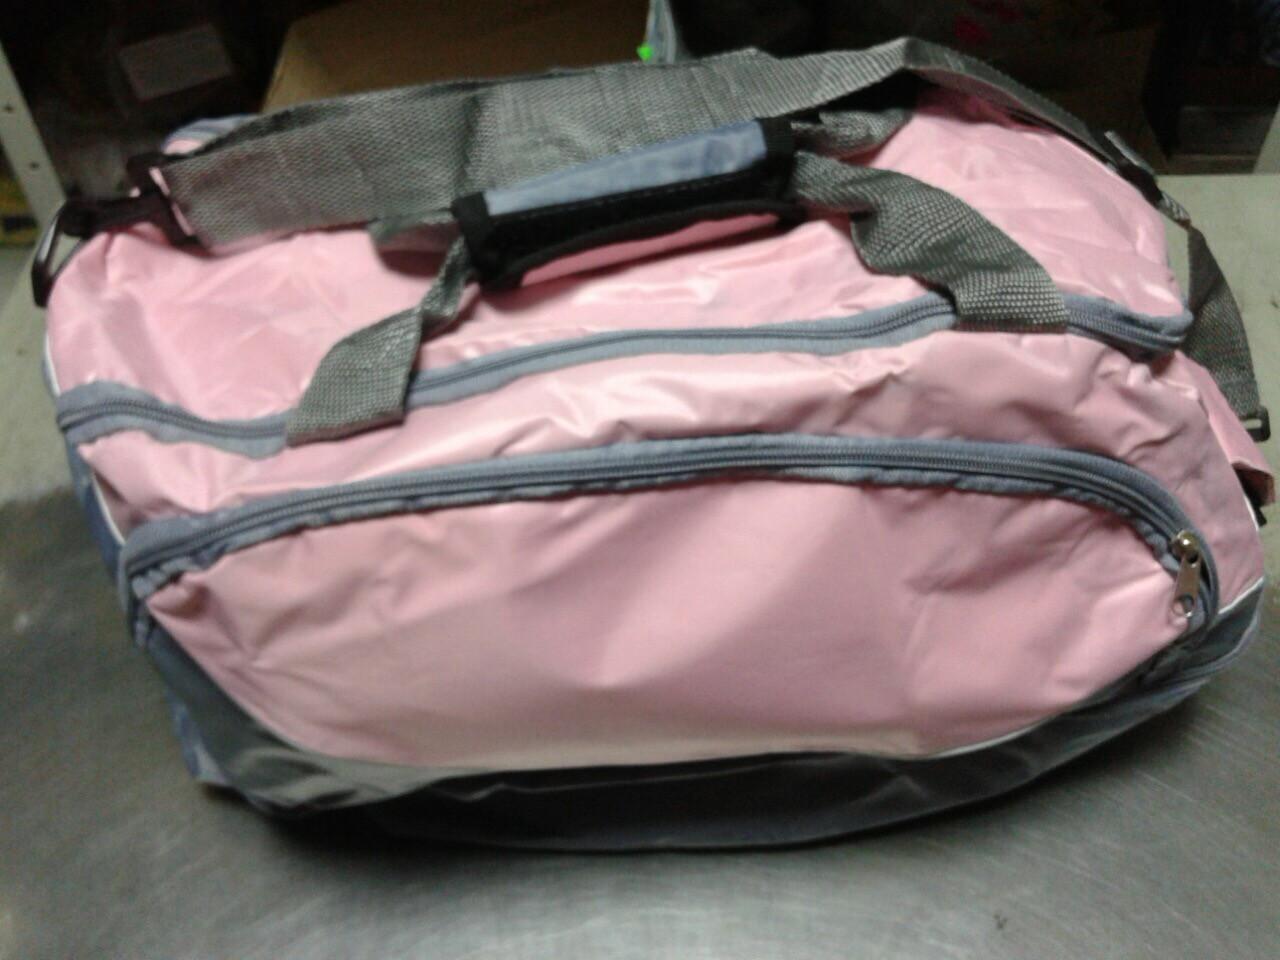 Спец предложение на спорт сумку!Большая,вместительная спорт сумка для девушек всего 249р!!!Экспресс!5